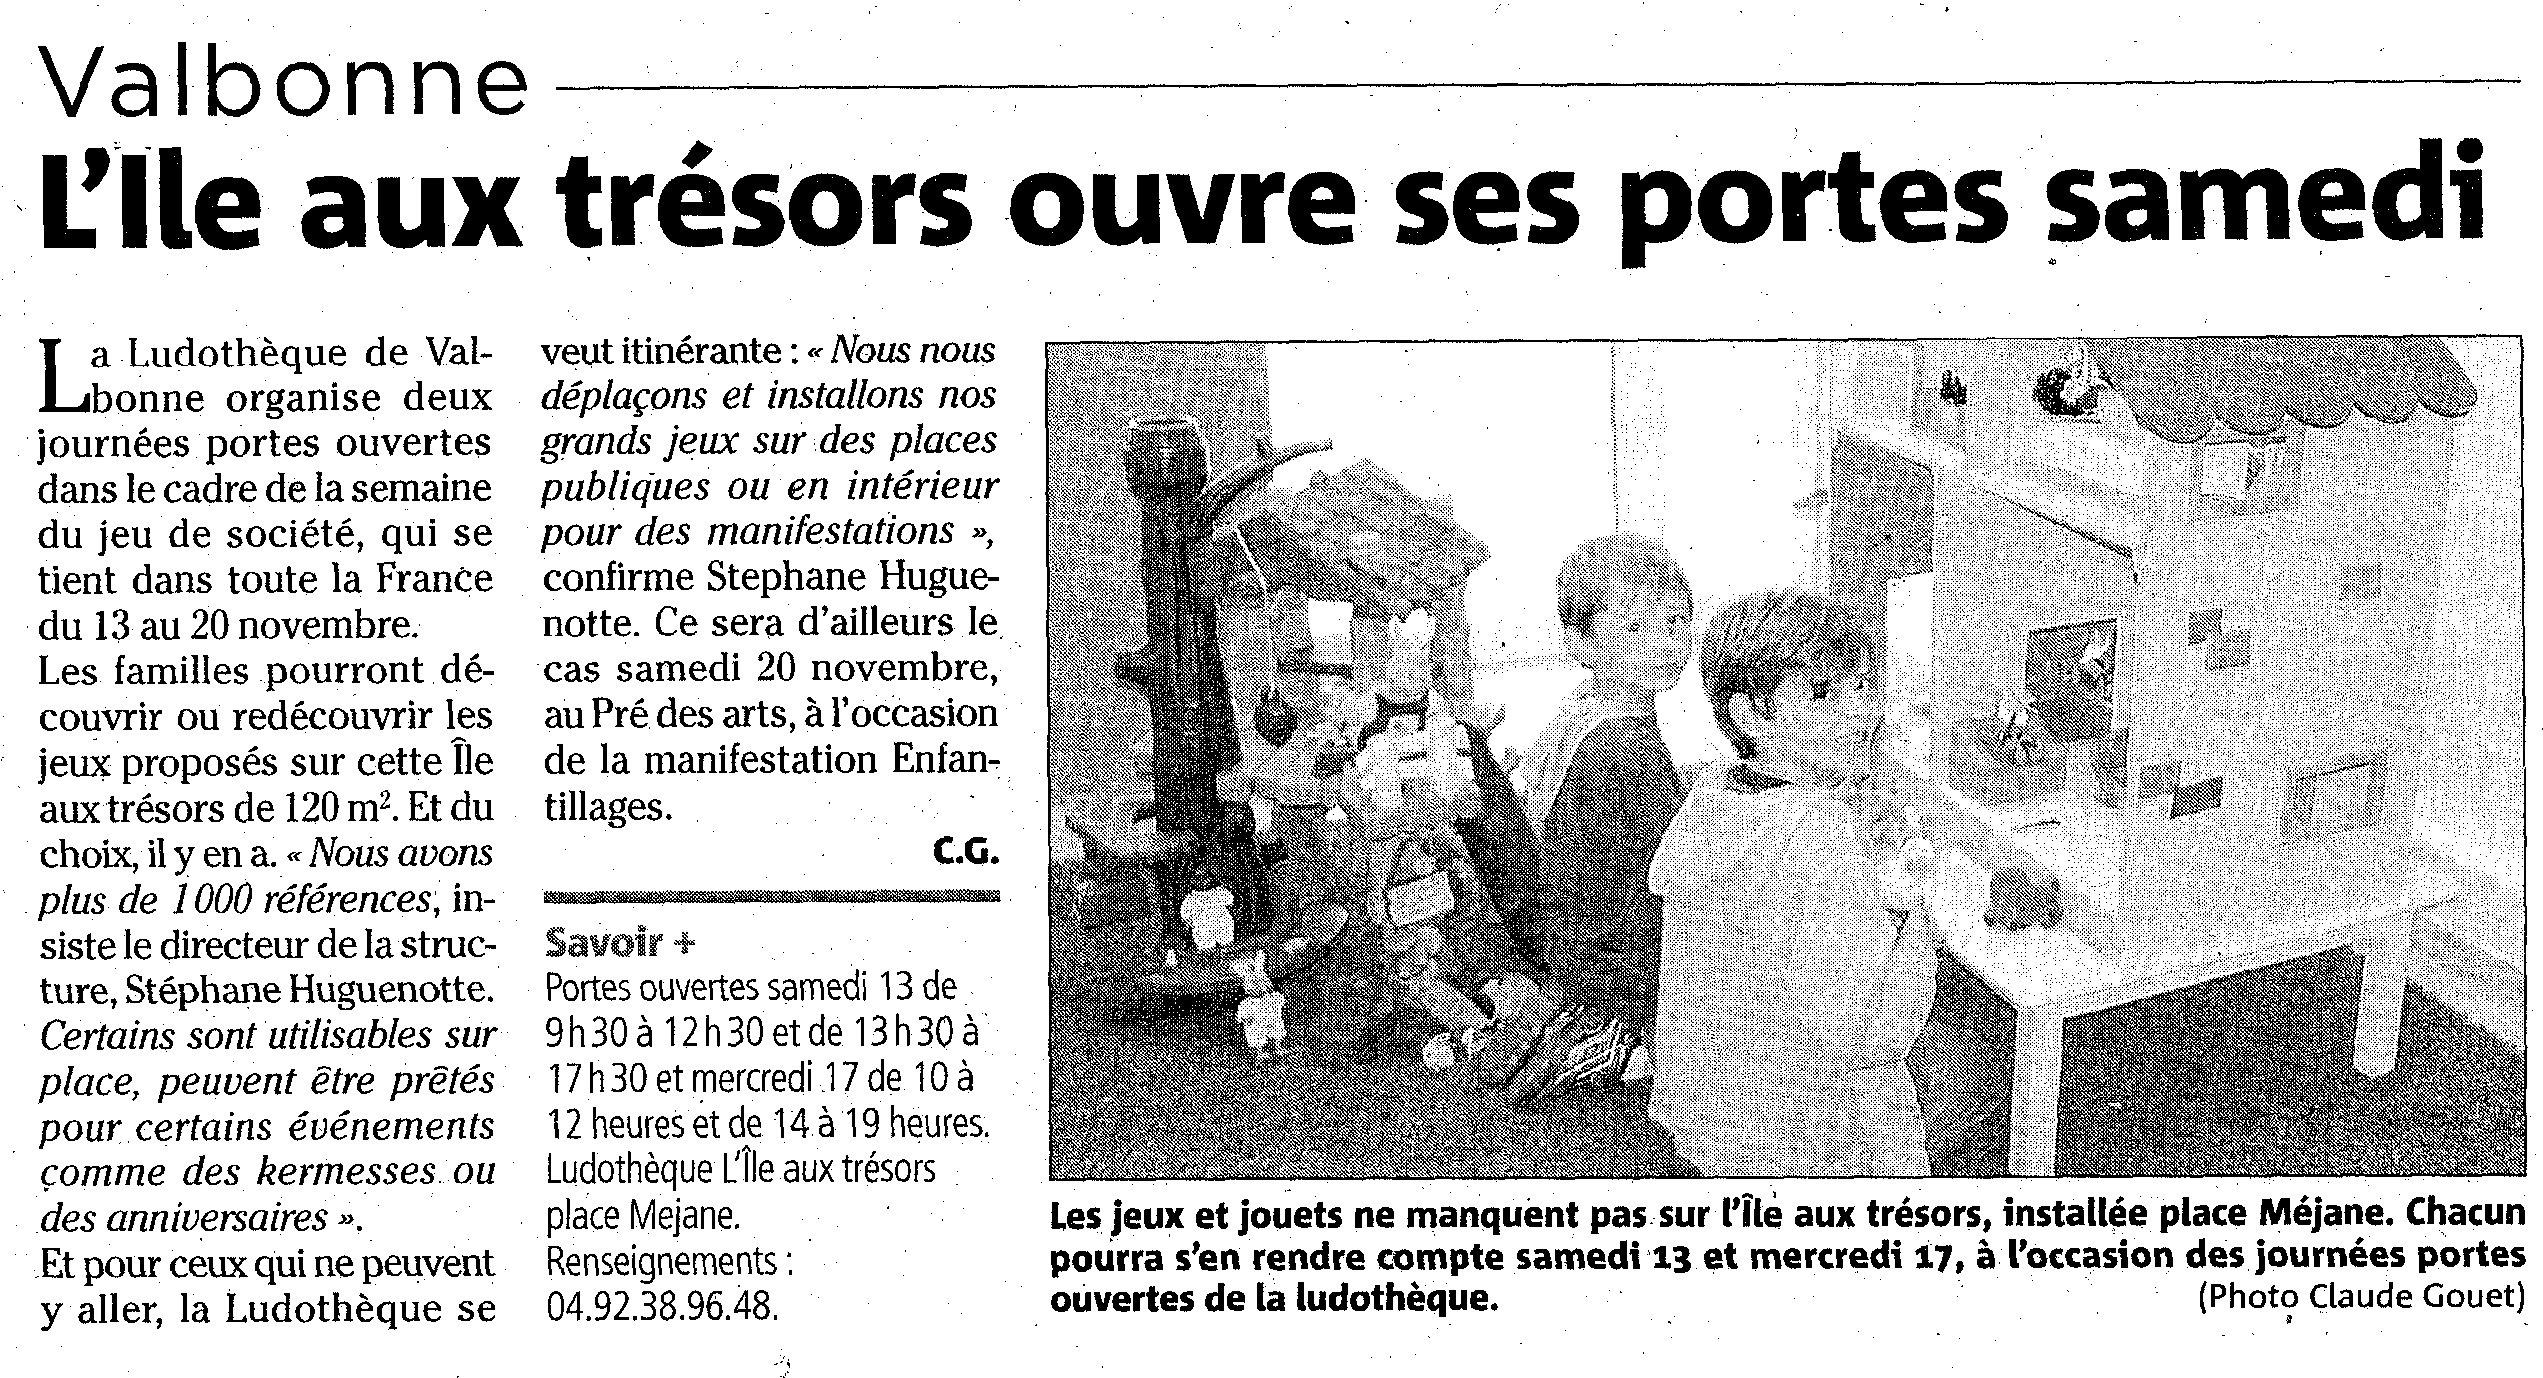 fete_du_jeu_de_societe2010.jpg